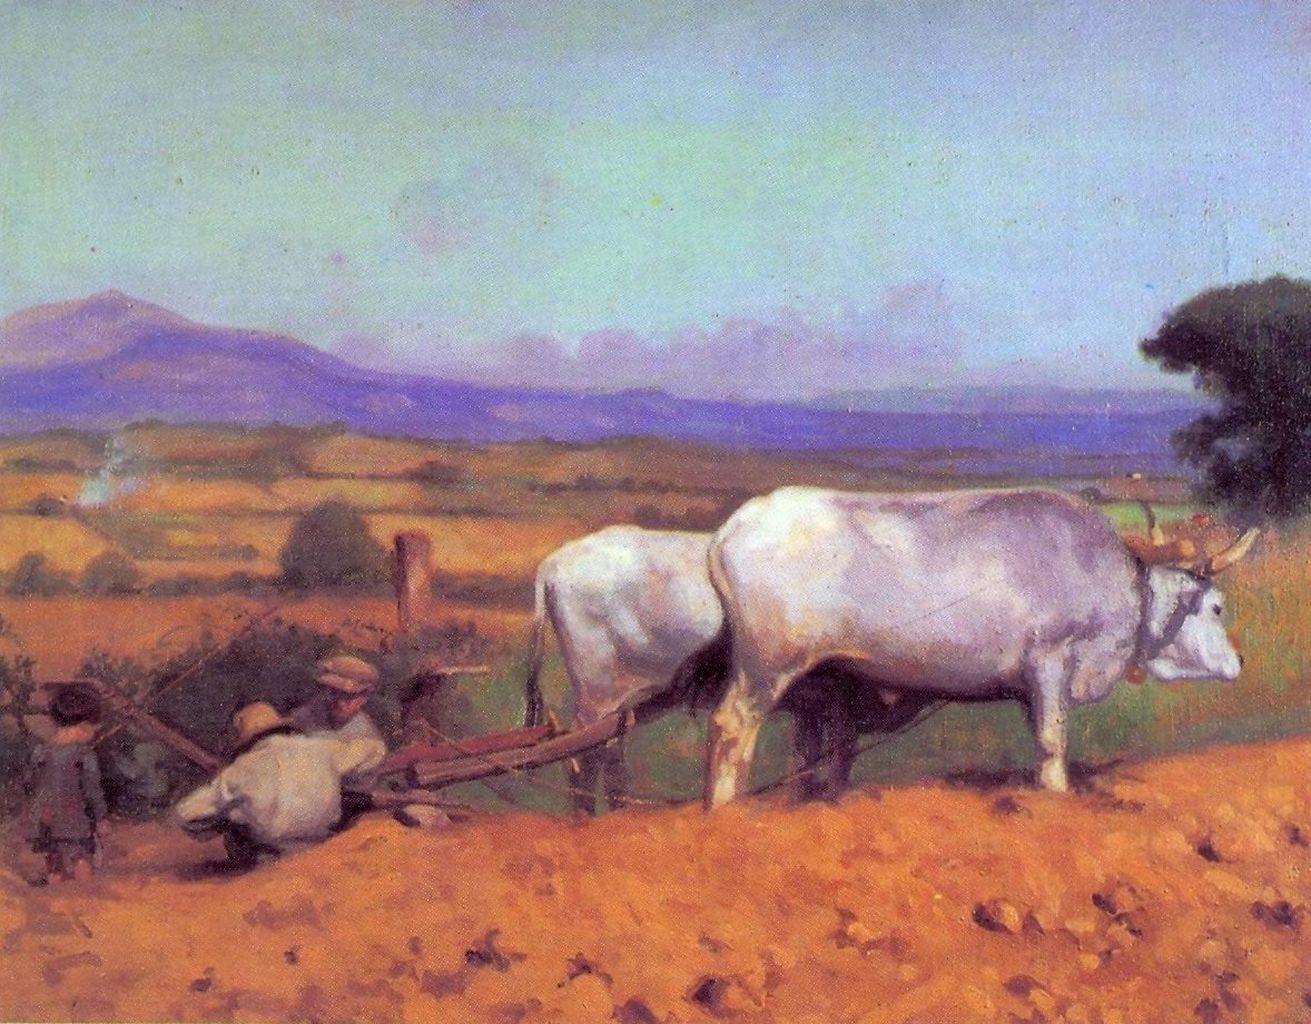 La rottura dell'aratro, contadini con aratro trainato da buoi (dipinto) di Pascucci Paride (sec. XIX)